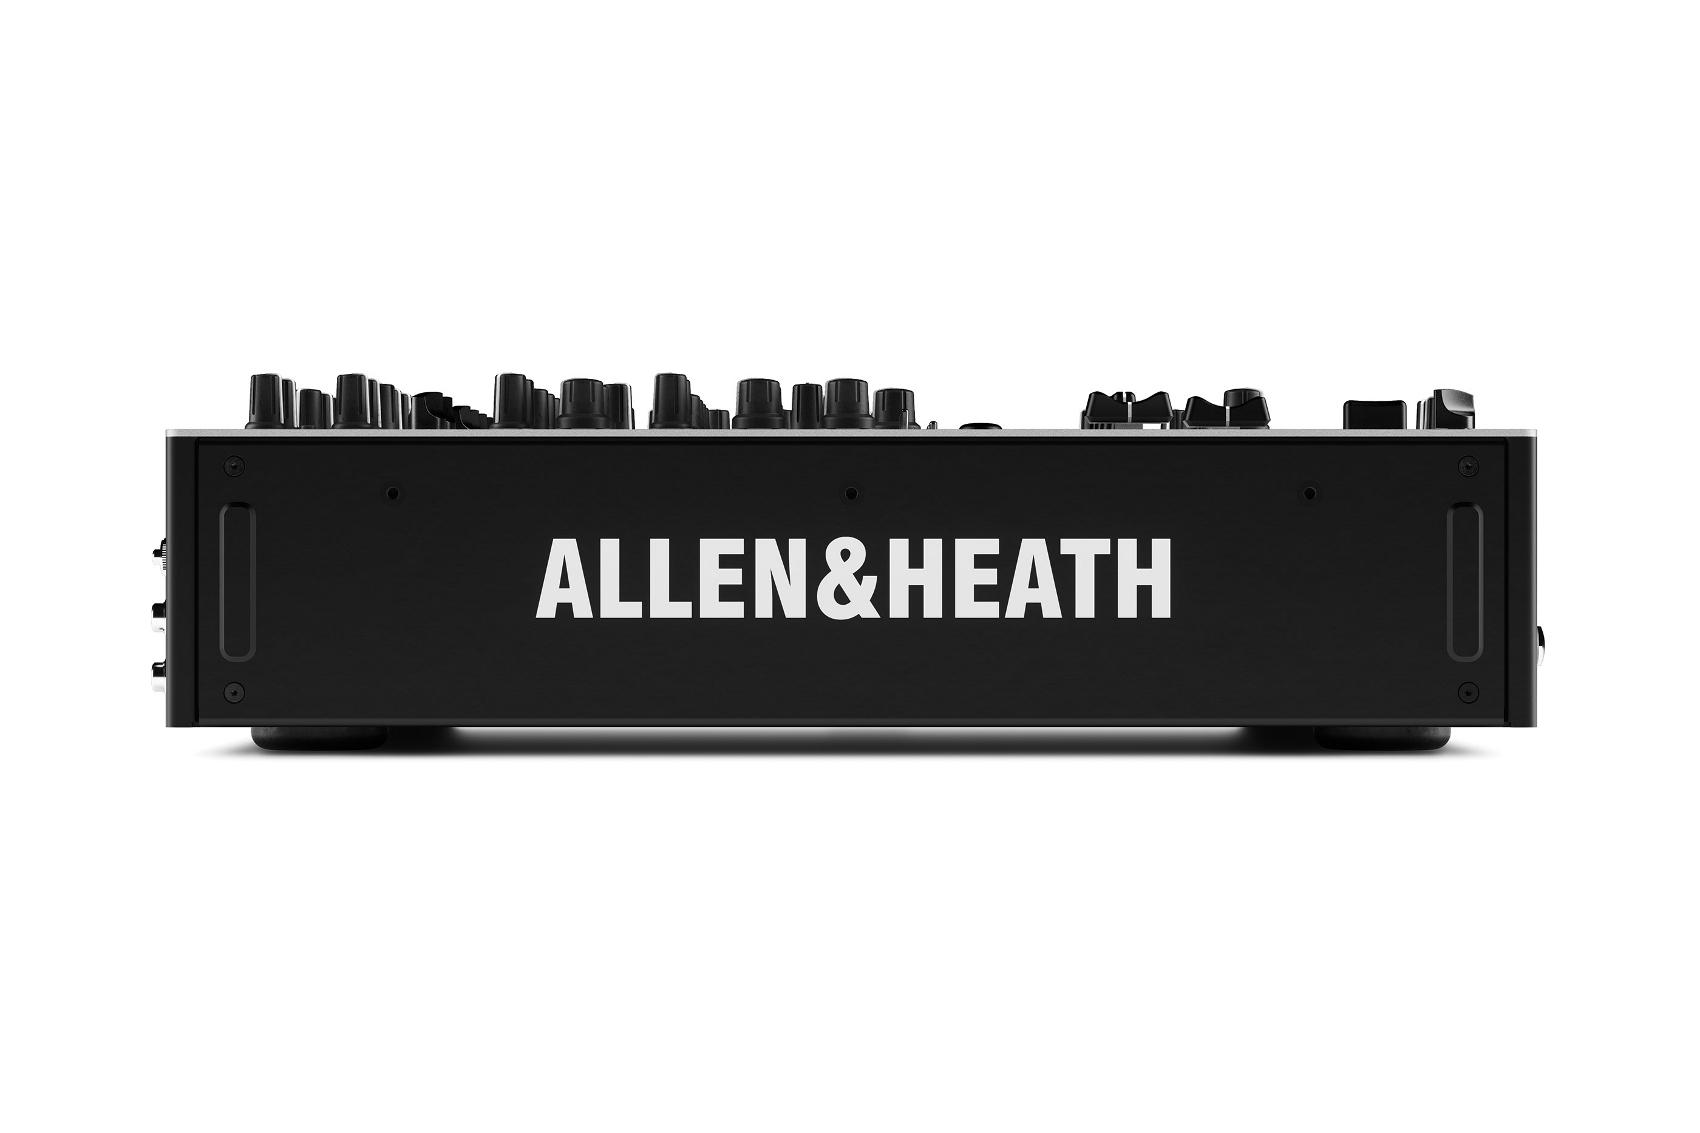 ALLEN & HEATH XONE 96 MIXER ANALOGICO PER DJ 8 CANALI CON DOPPIA INTERFACCIA USB 4